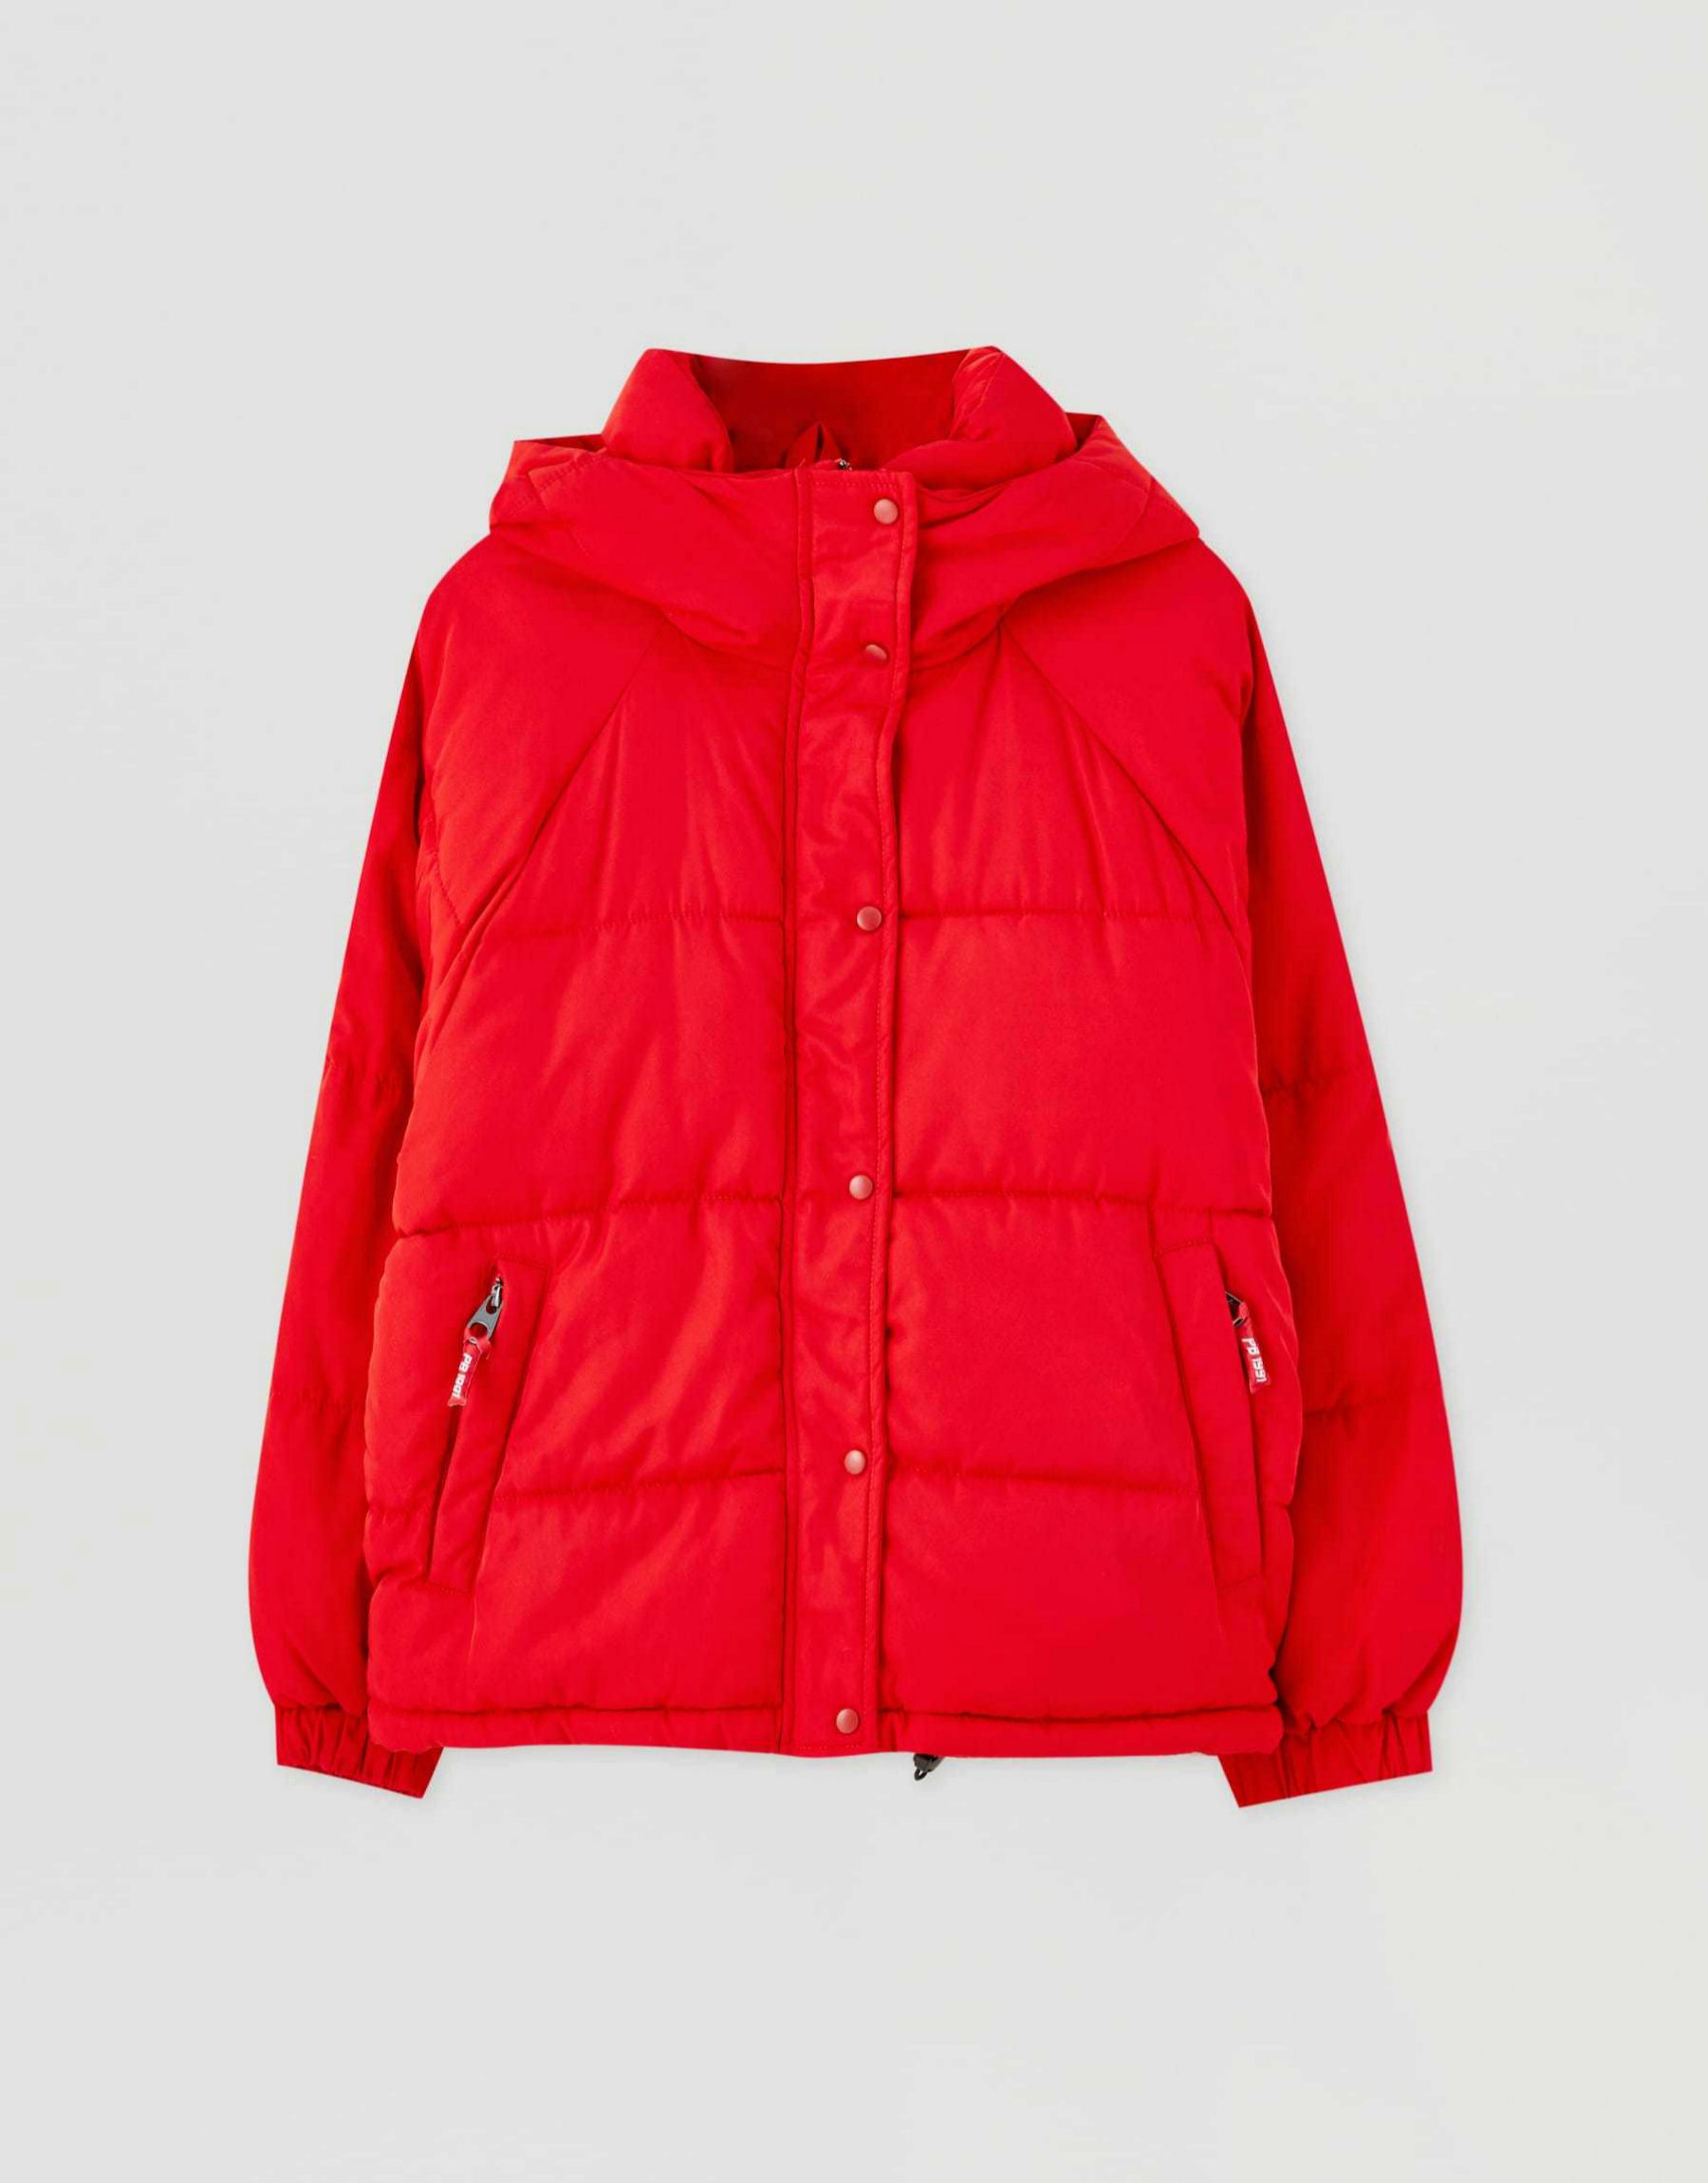 Abrigo acolchado en color rojo de Pull & Bear